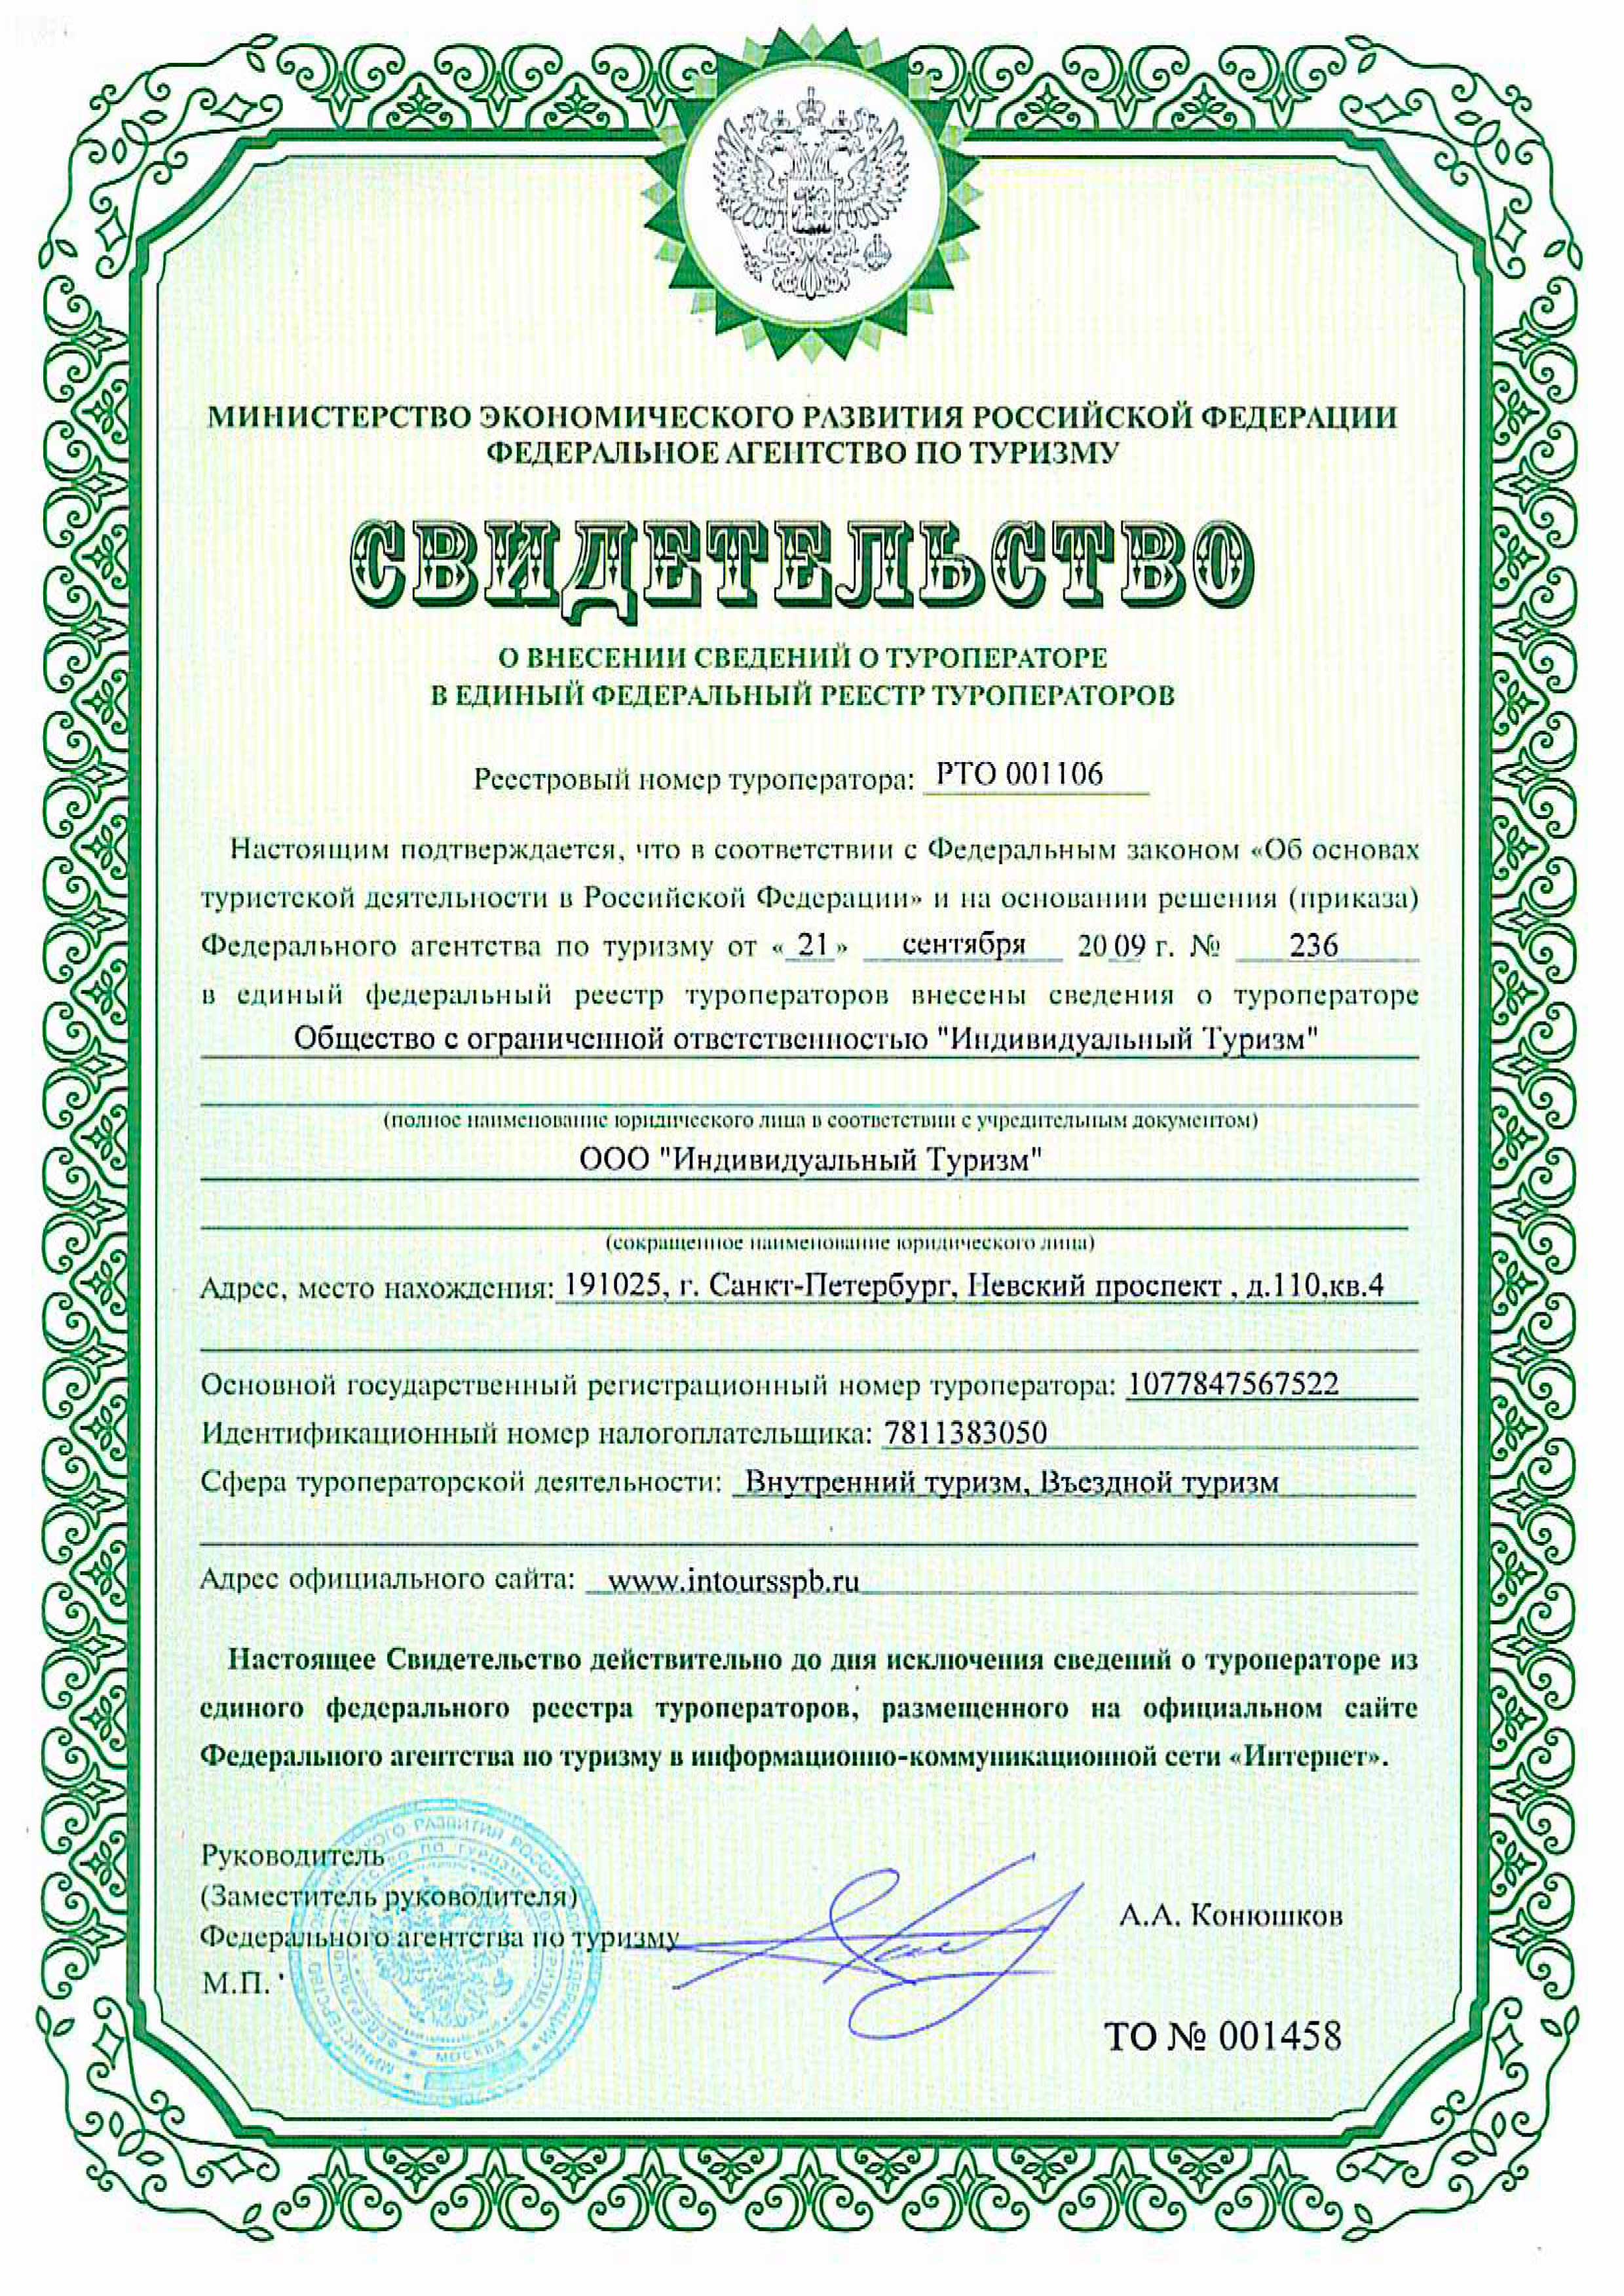 Свидетельство ООО Индивидуальный туризм РТО 001106